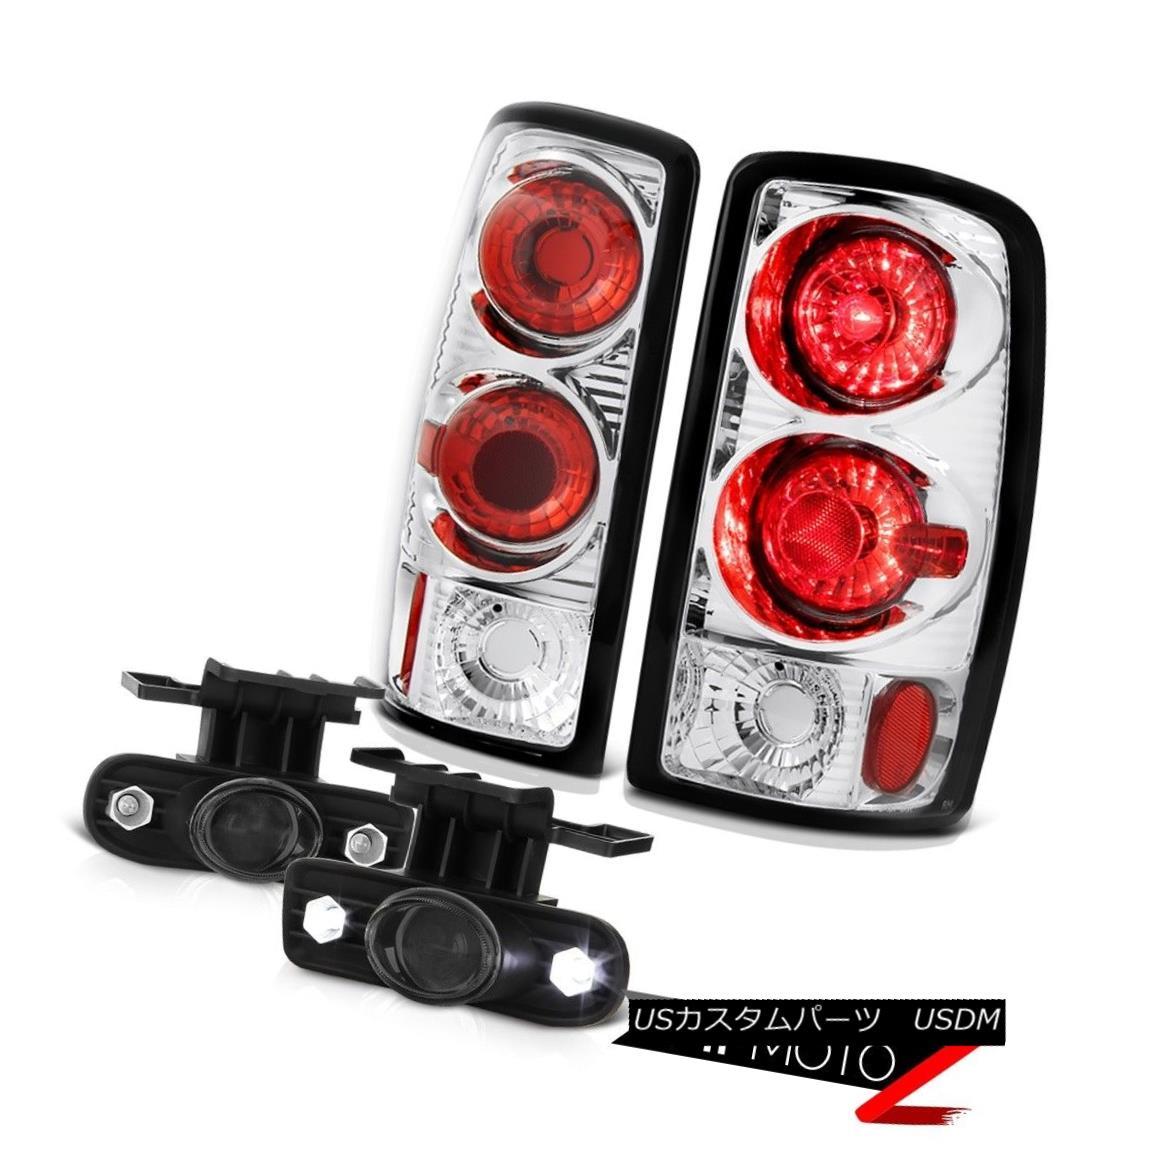 テールライト 00 01 02 03 04 05 06 Chevy Suburban 5.7L Altezza Tail Lights Projector Fog Lamps 00 01 02 03 04 05 06シボレー郊外5.7L Altezzaテールライトプロジェクターフォグランプ